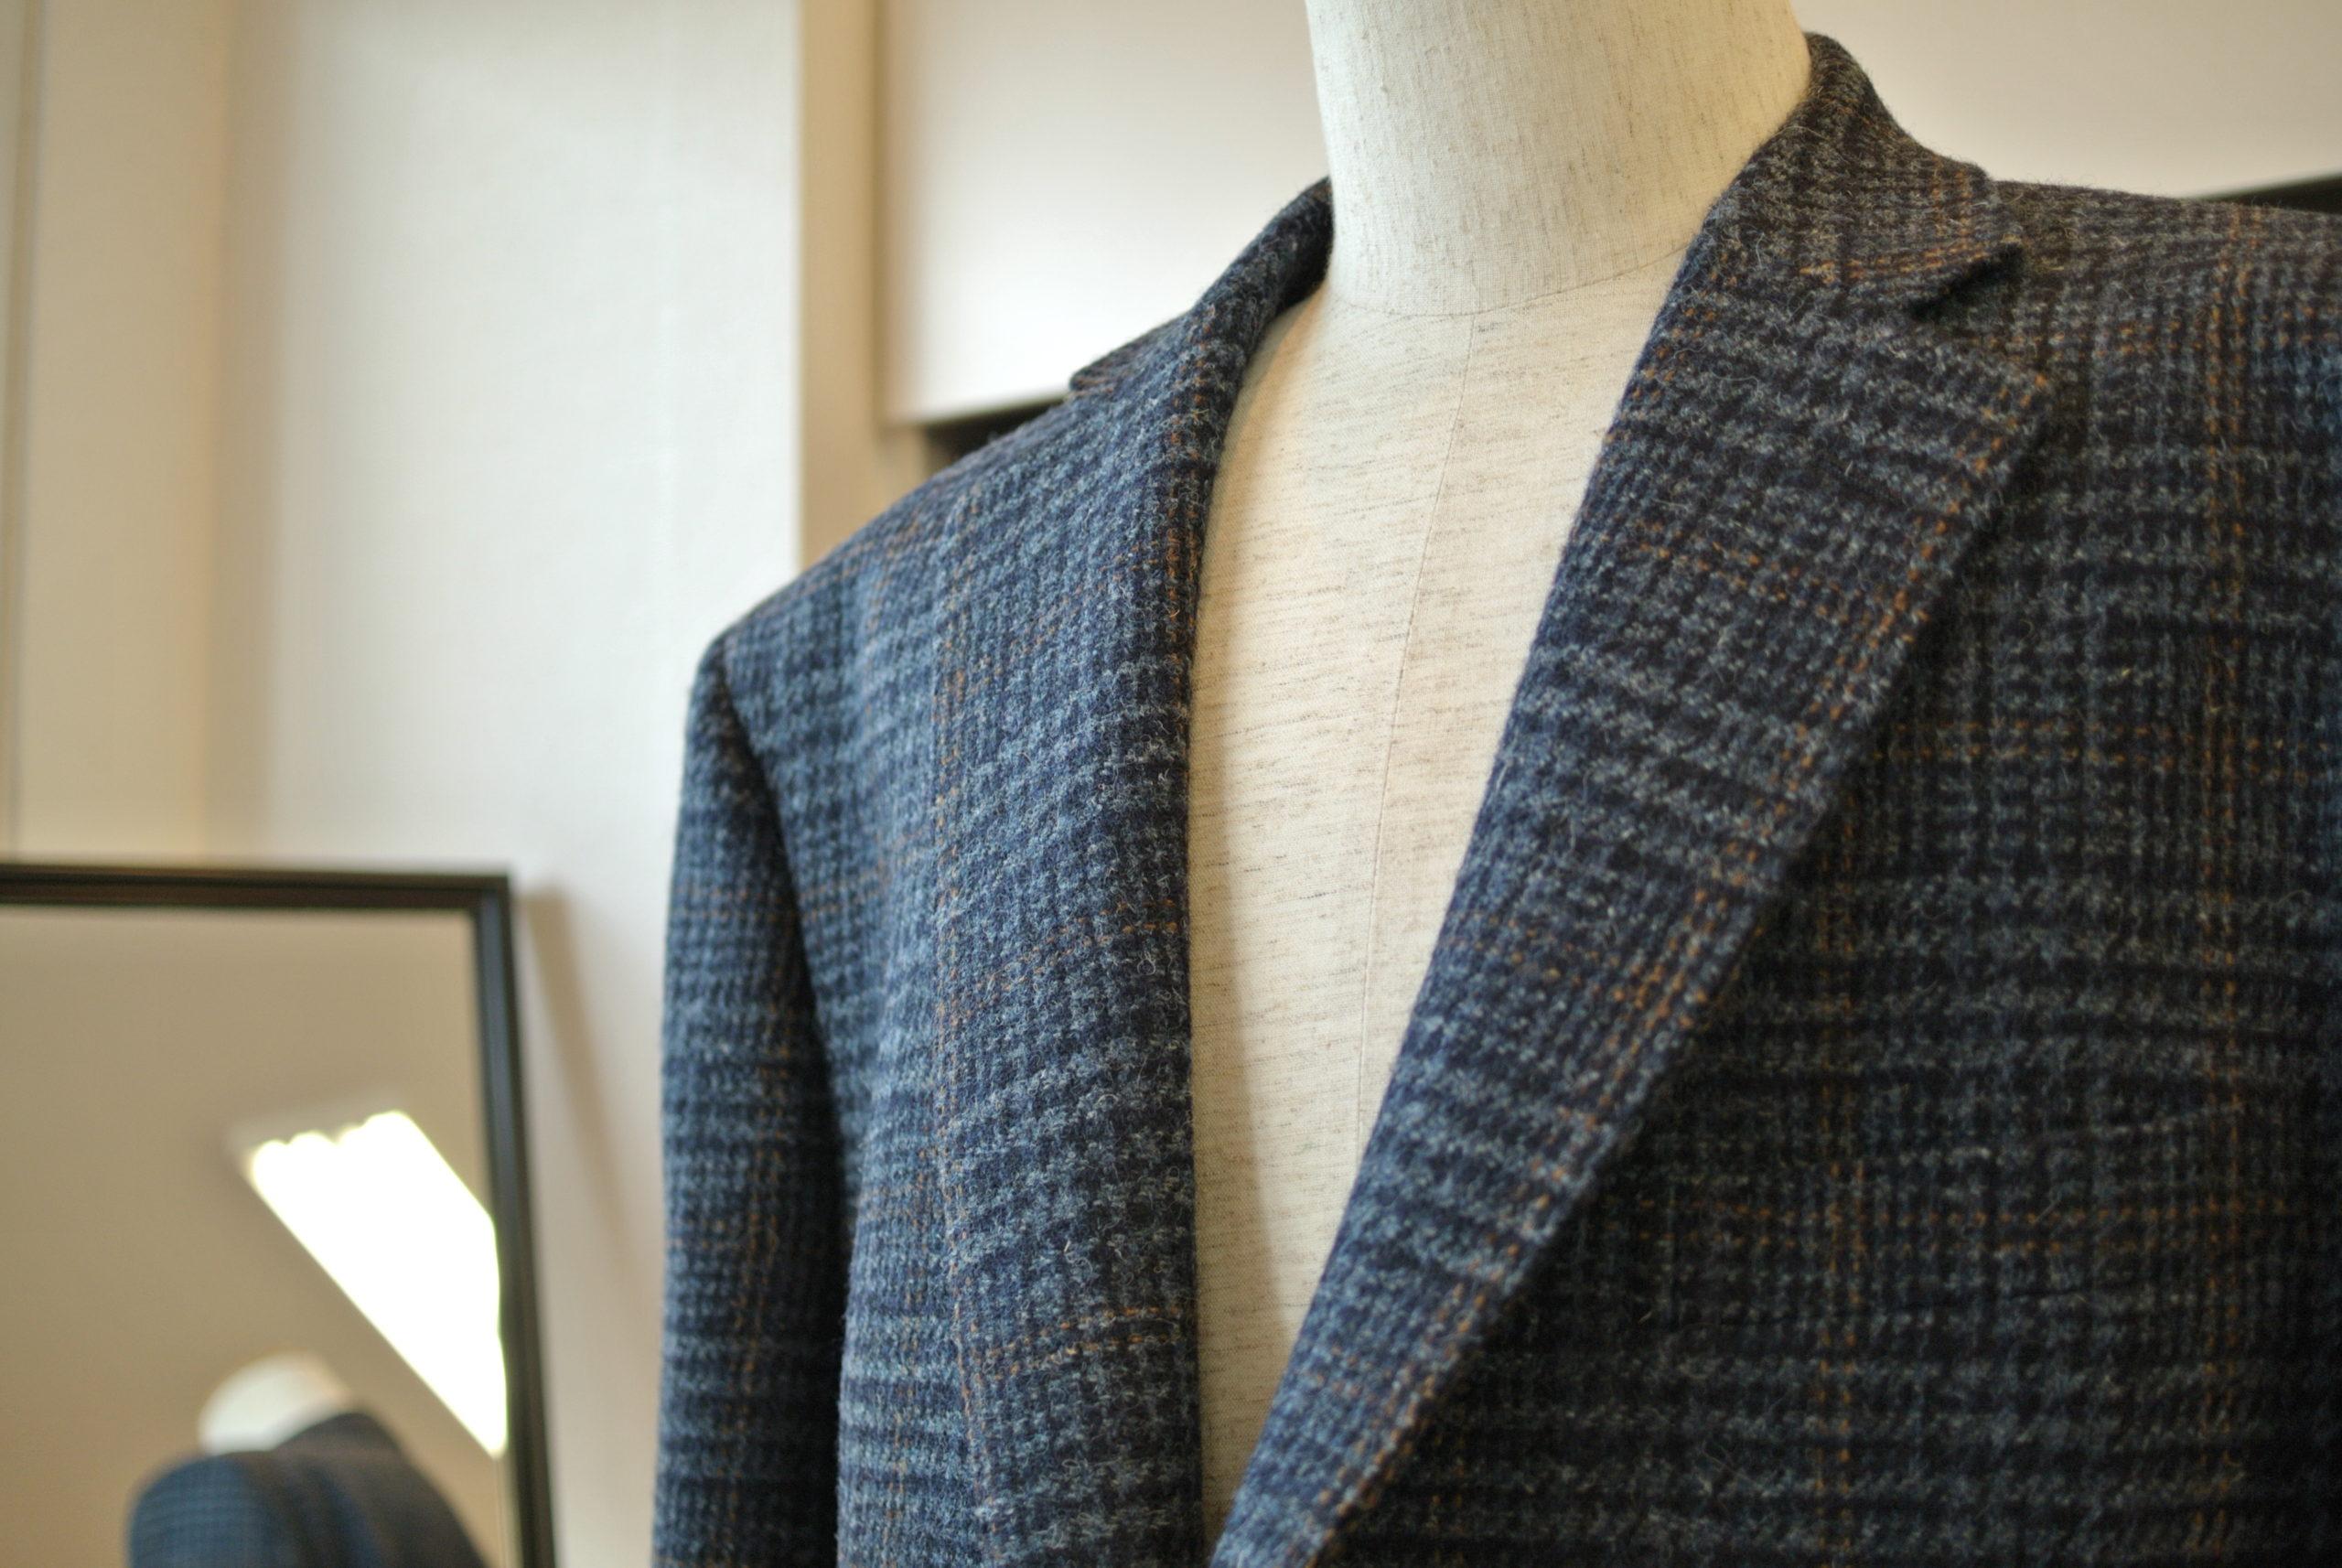 お好みに合ったハリスツイードのジャケットに身を包む オーダースーツサロン Aster アスター 千葉県佐倉市 Journal